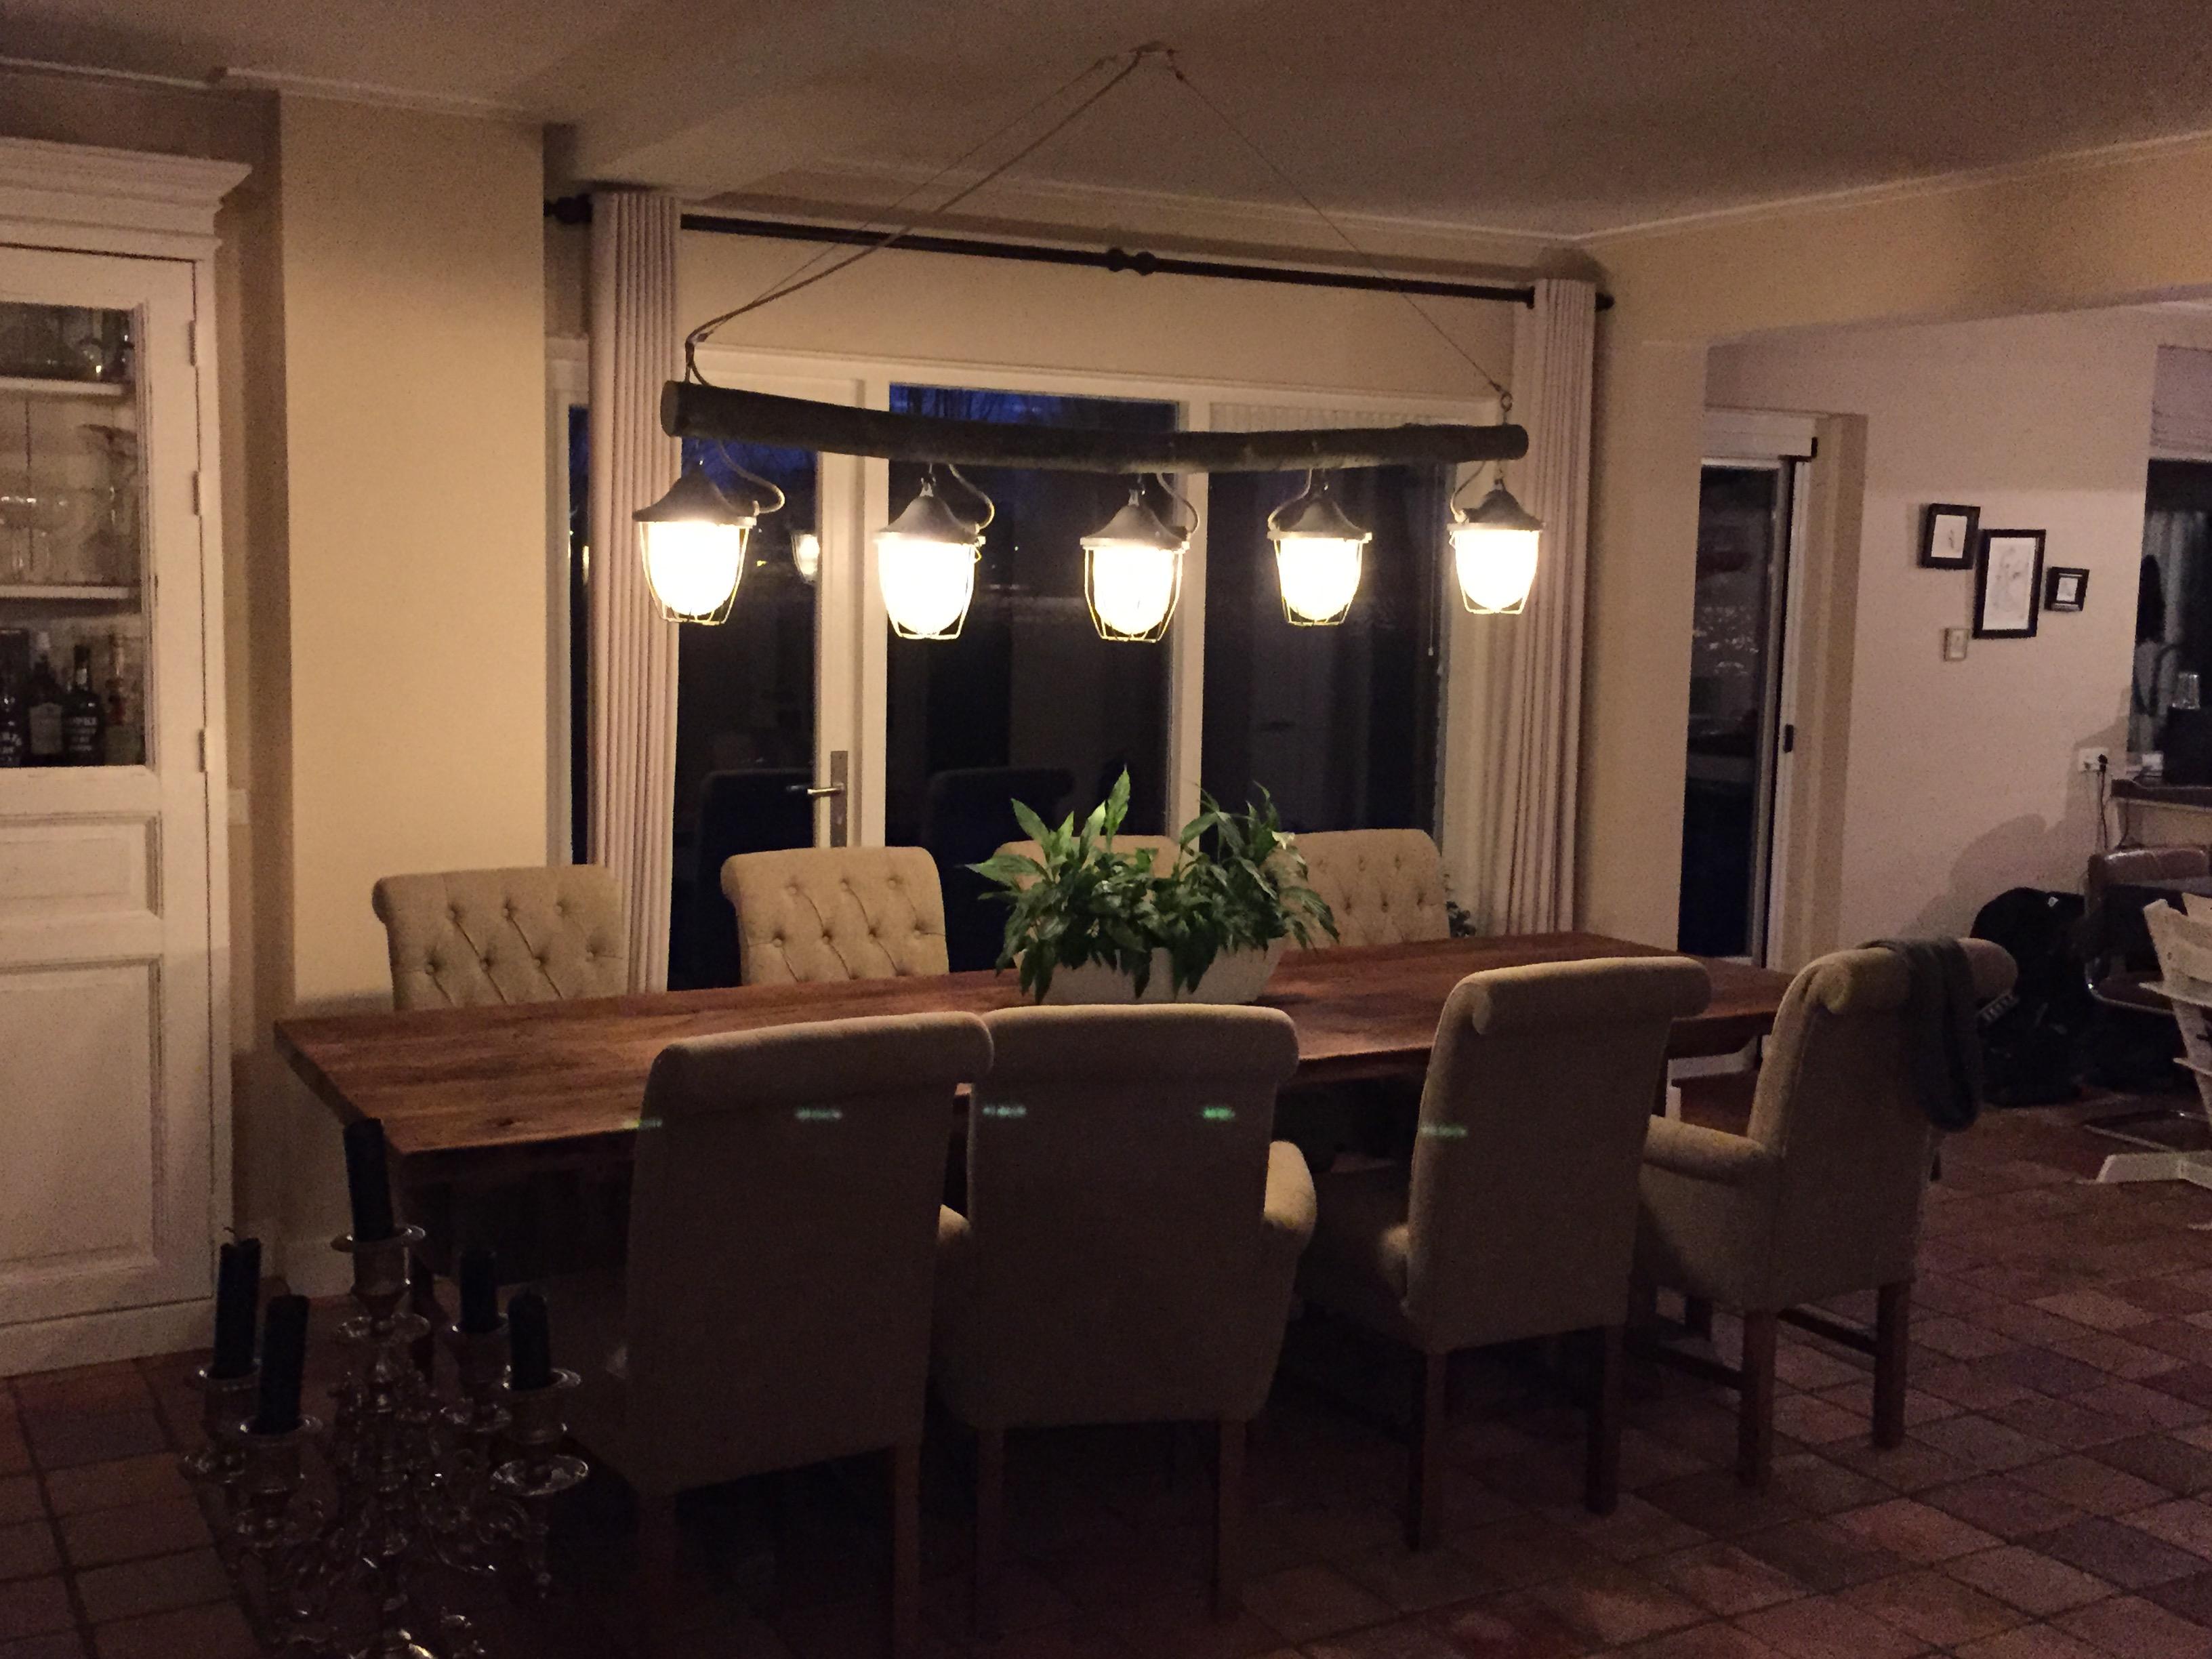 Bekend Eettafel lamp | voordemakers.nl GS42